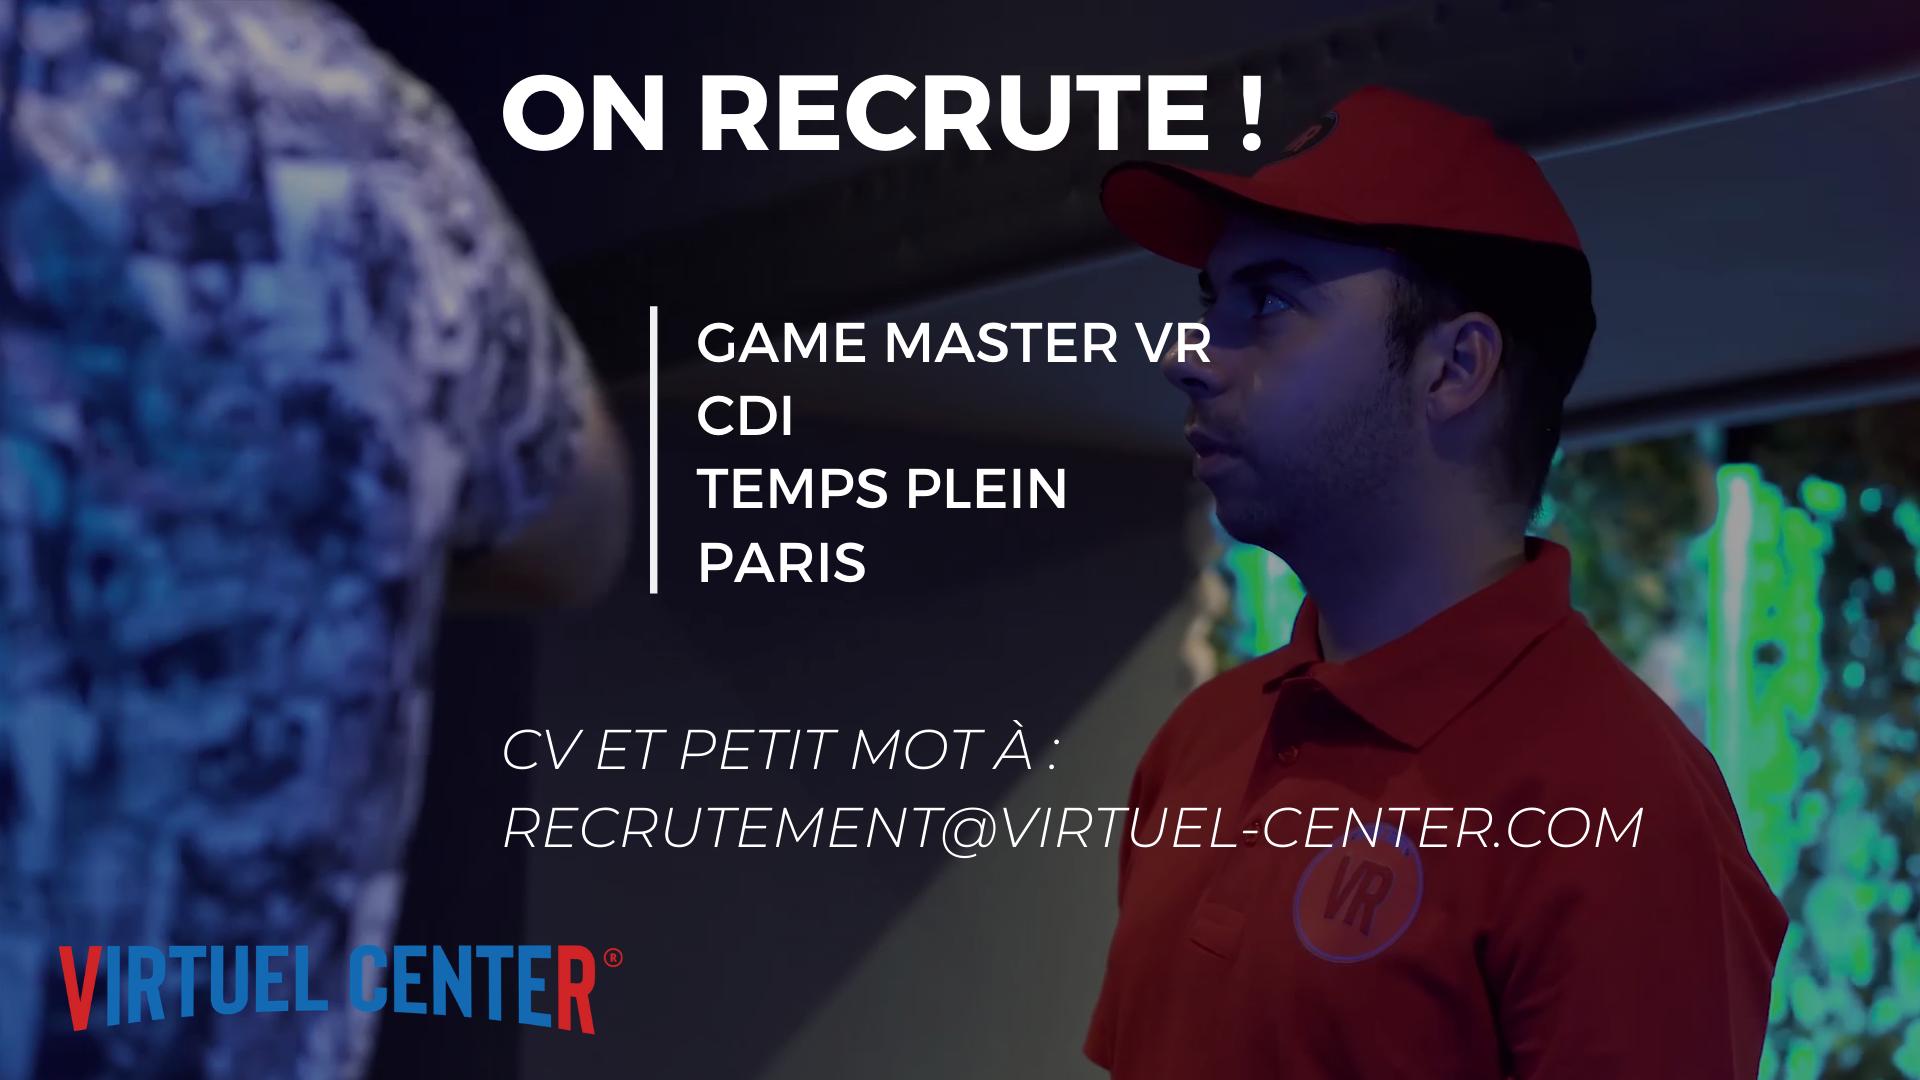 recrutement virtuel center